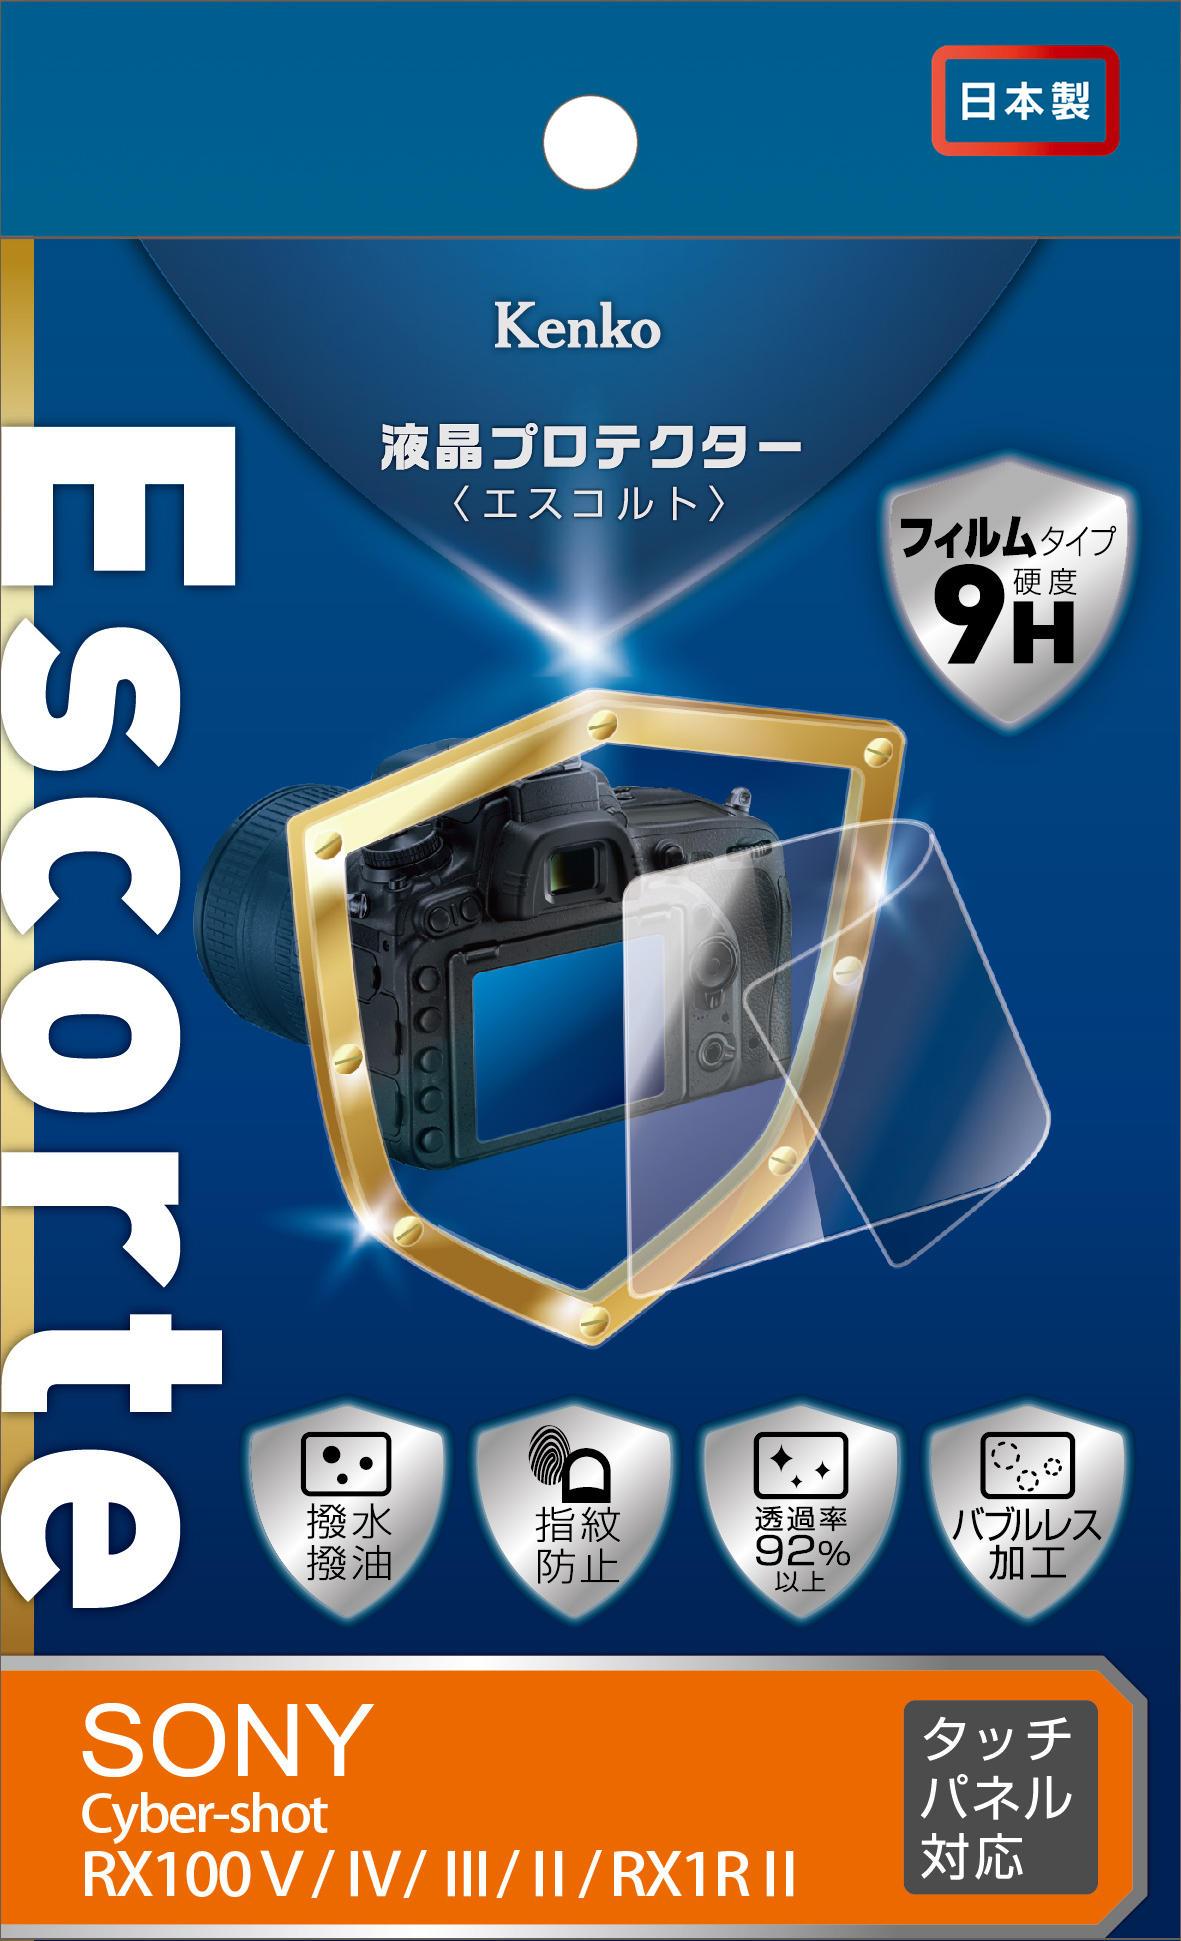 http://www.kenko-tokina.co.jp/imaging/eq/mt-images/4961607881705.jpg